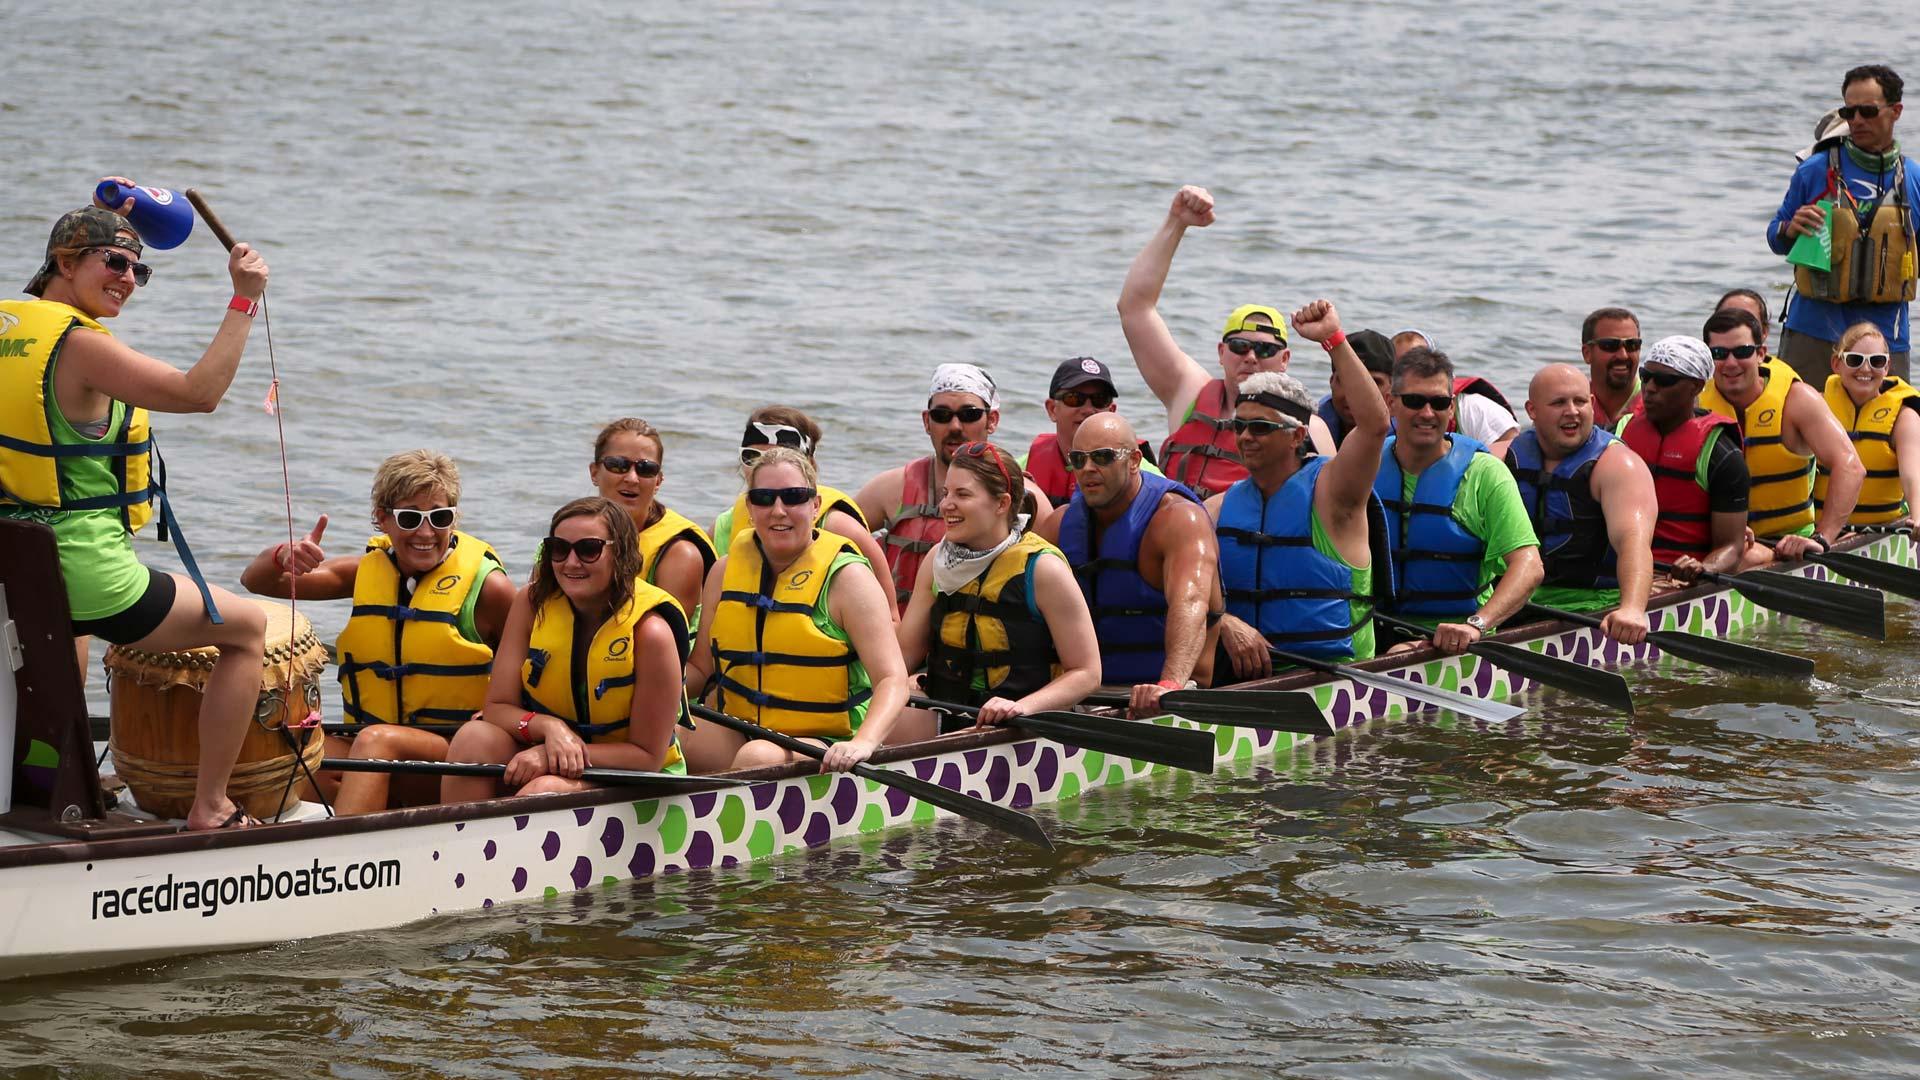 Decatur Dragon Boat Races